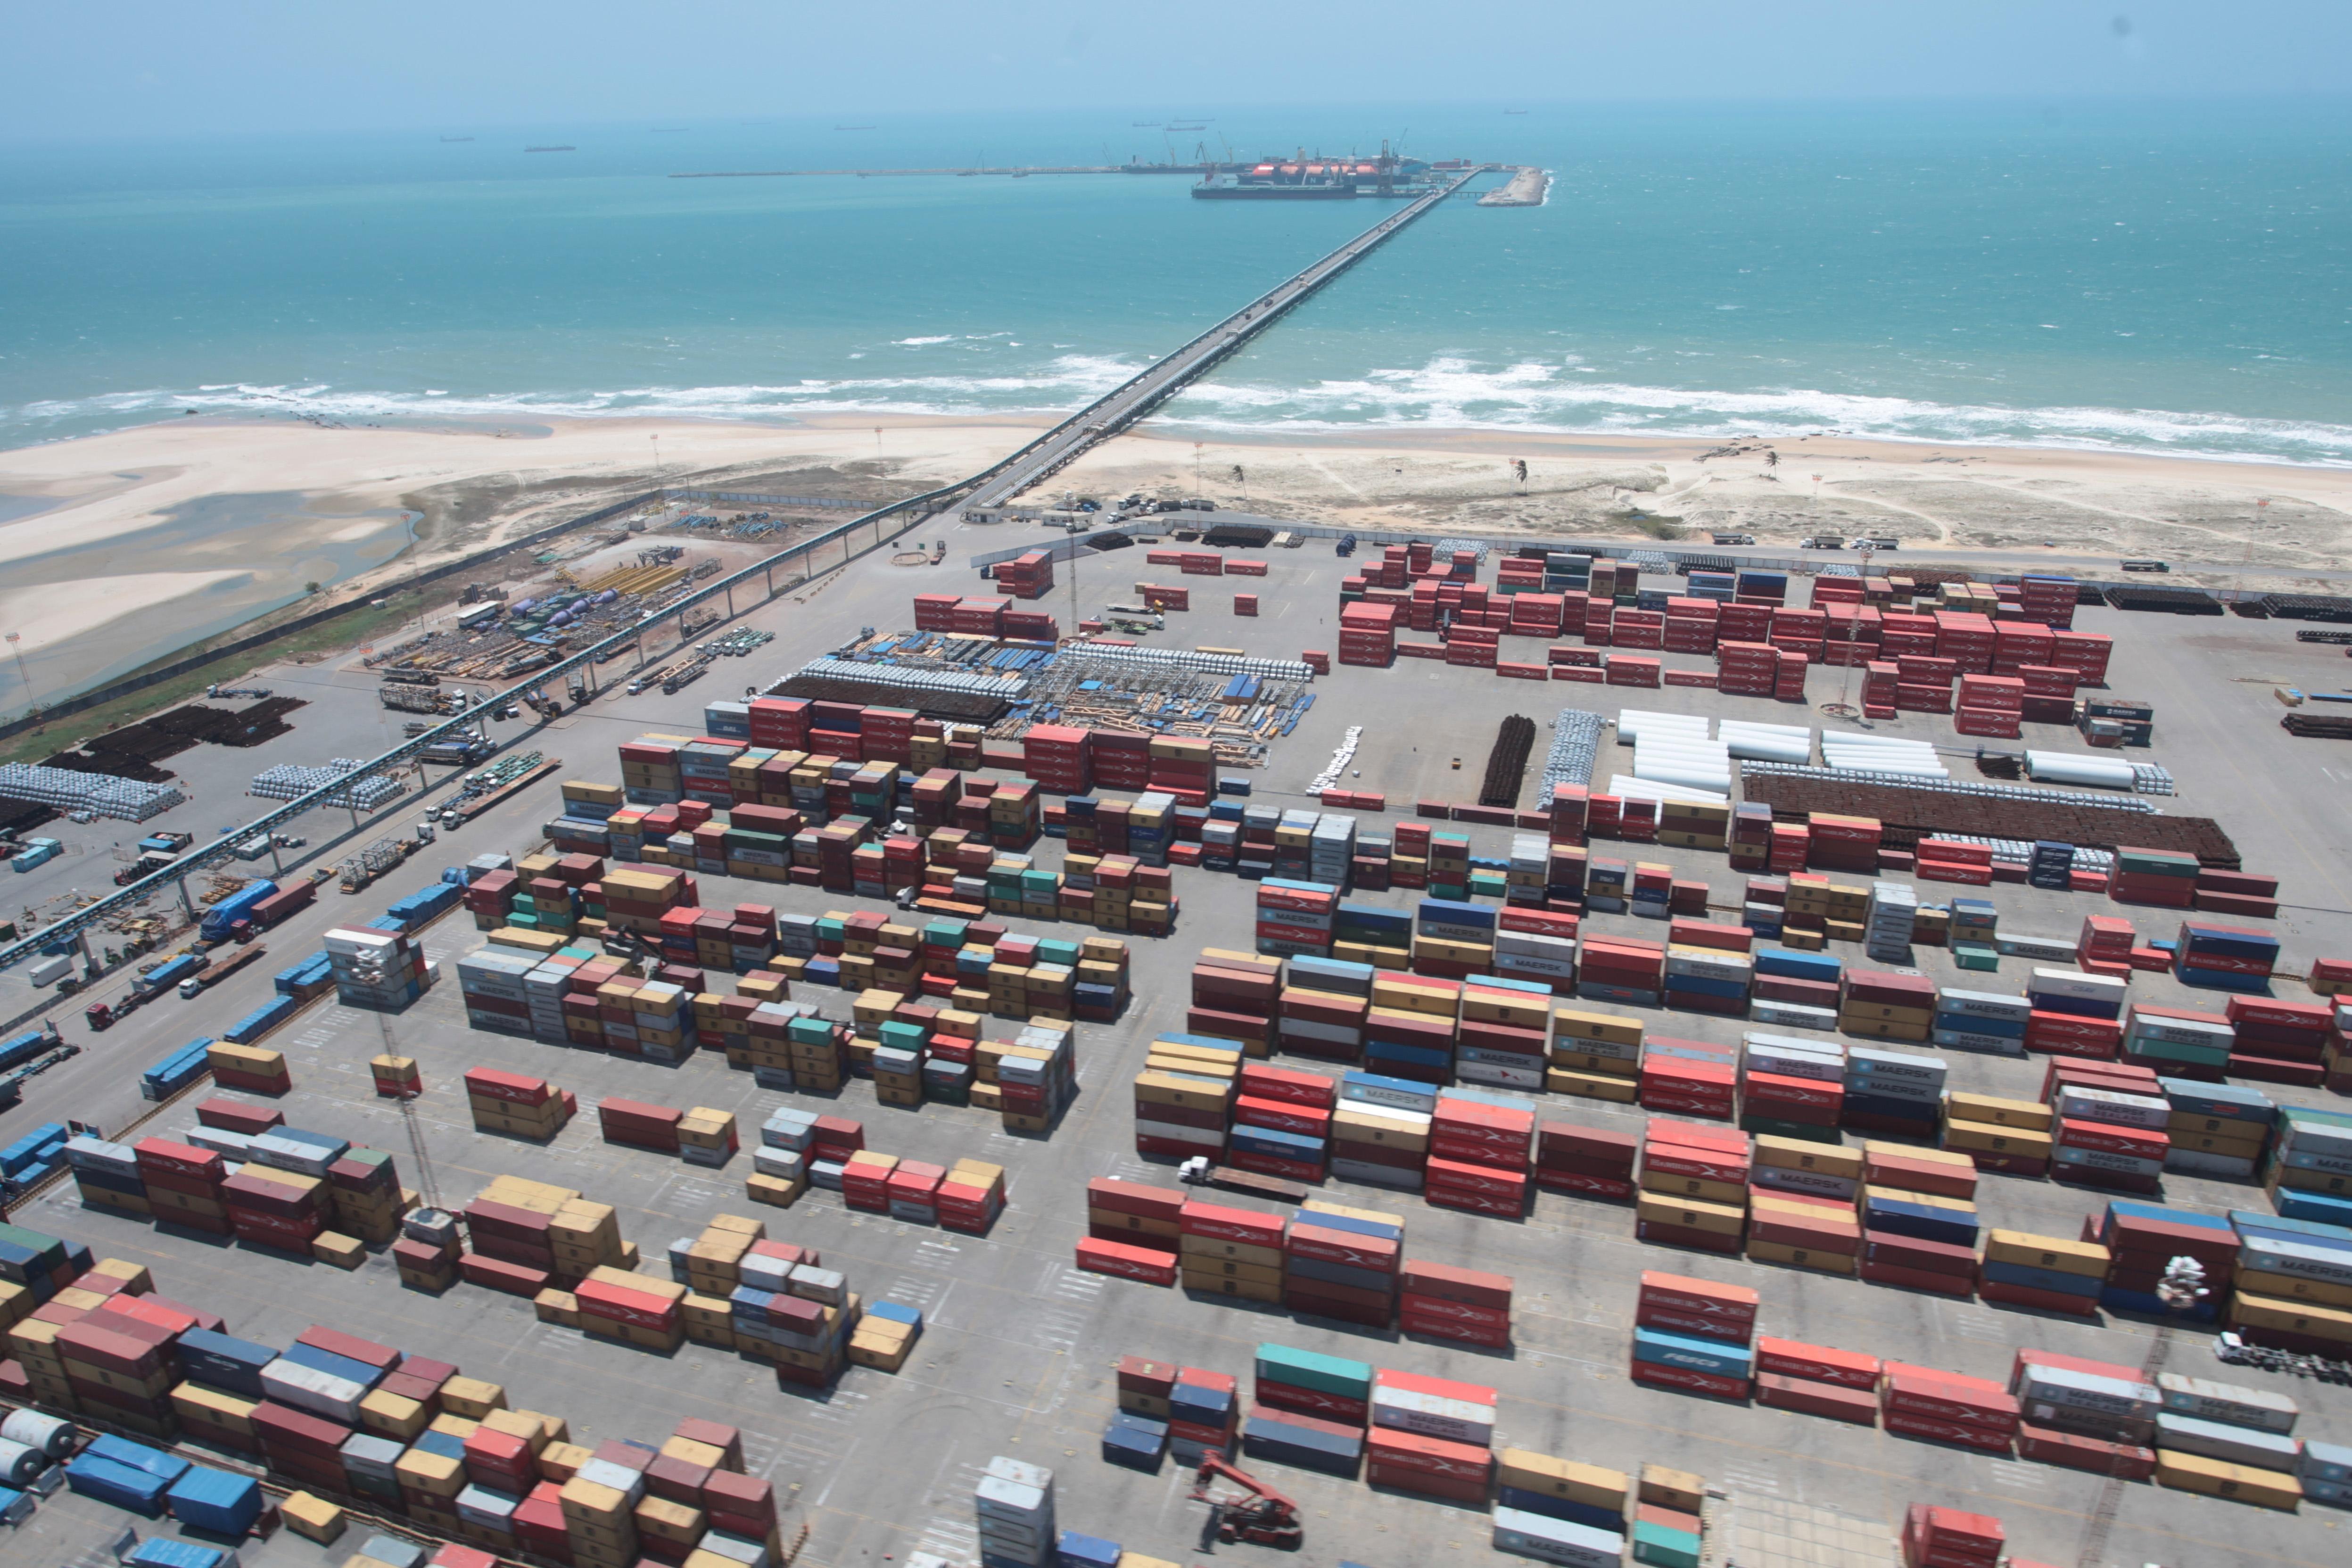 O Porto do Pecém atingiu a marca de 2 milhões de placas de aço exportadas em 2017. O material produzido pela Companhia Siderúrgica do Pecém (CSP) é a principal carga de exportação em toneladas no Porto do Pecém.